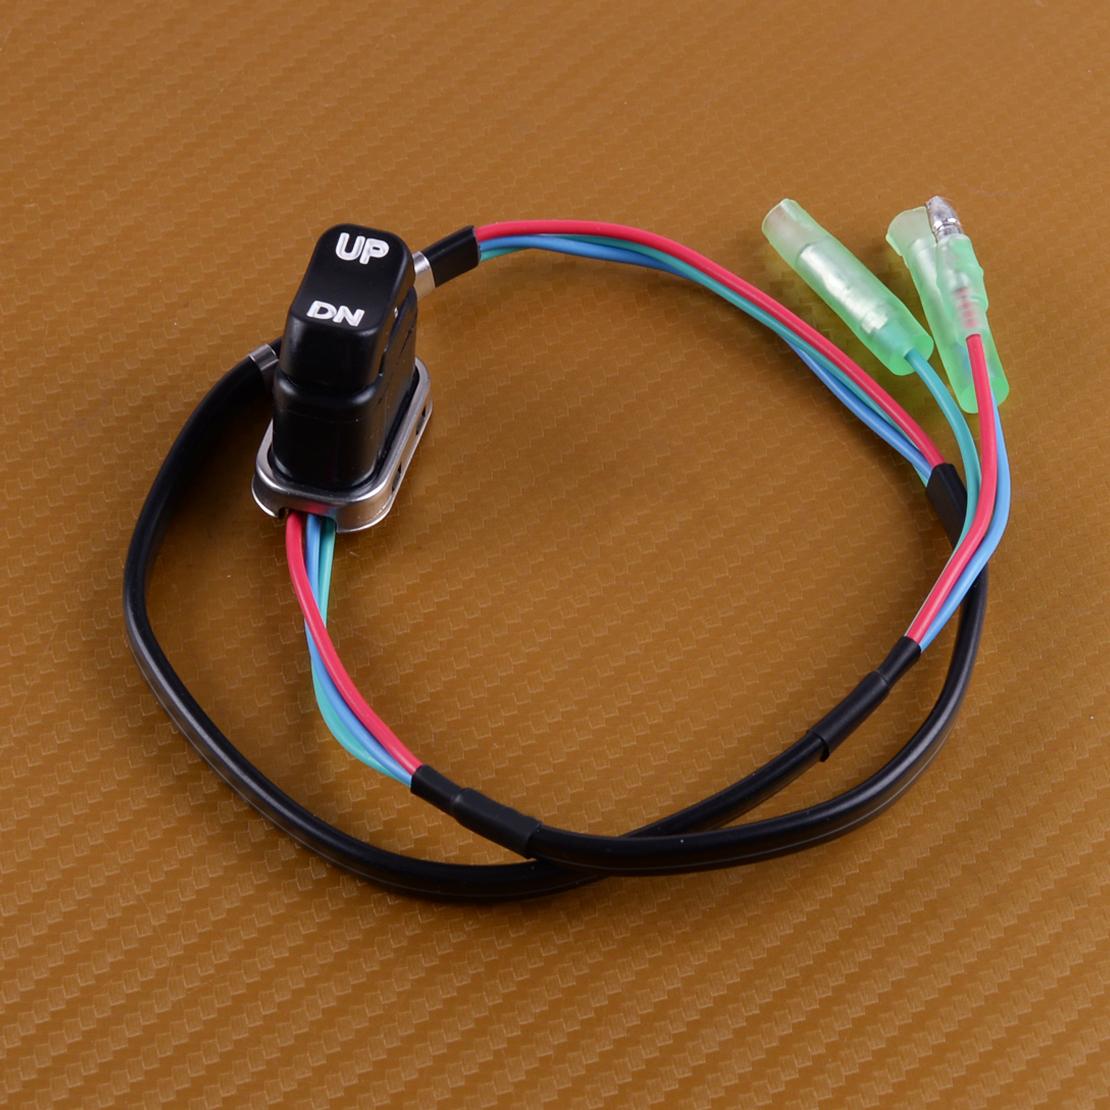 Für Yamaha Trim Tilt Schalter Außenborder 703-82563-02-00 703-82563-01-00 Neu